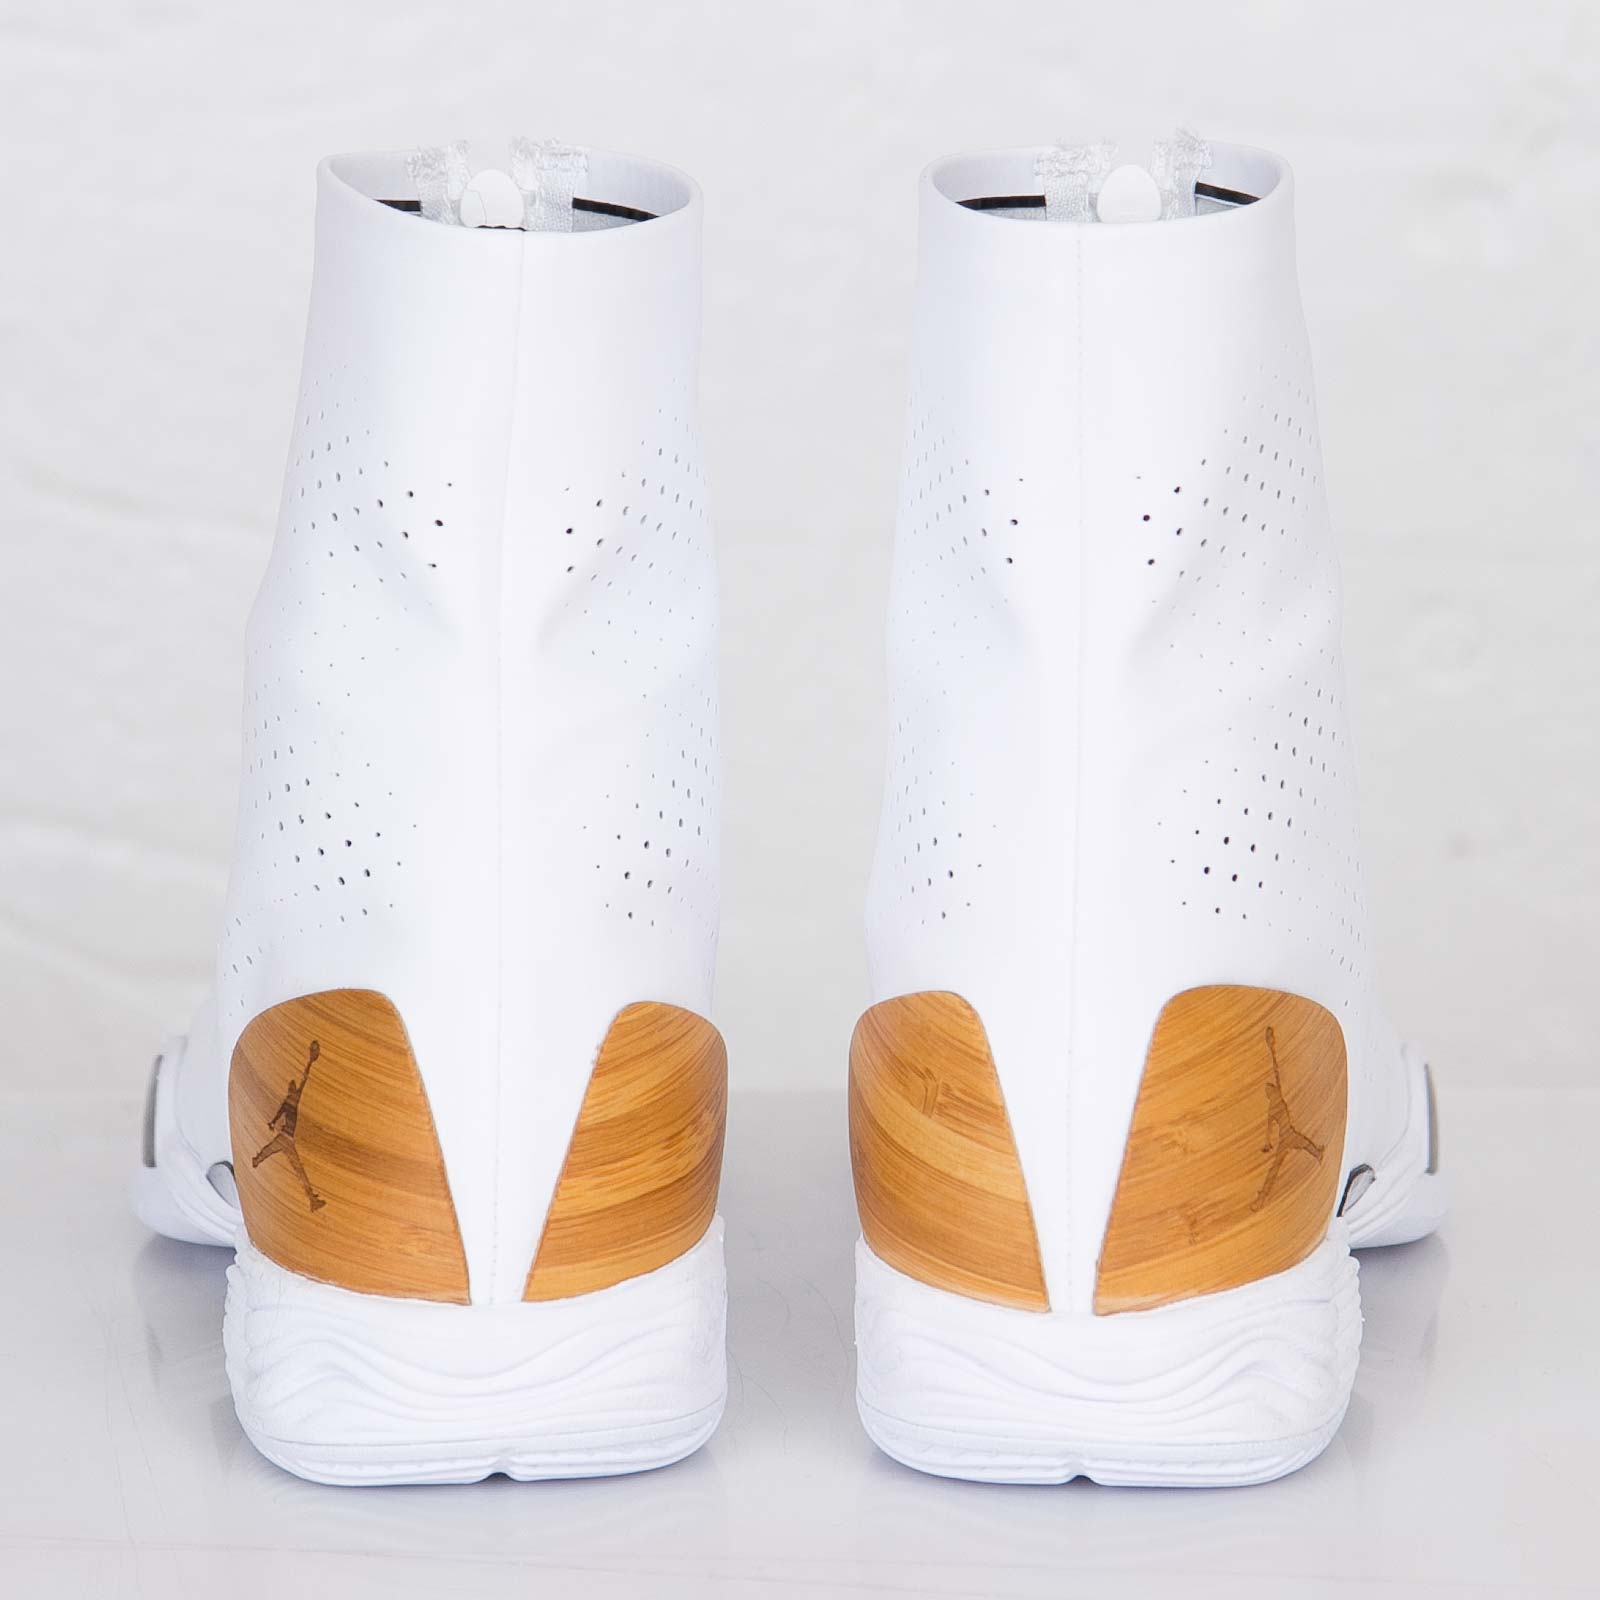 new arrival e45de 3a7c2 Jordan Brand Air Jordan XX8 SYN Bamboo - 649501-100 - Sneakersnstuff    sneakers   streetwear online since 1999